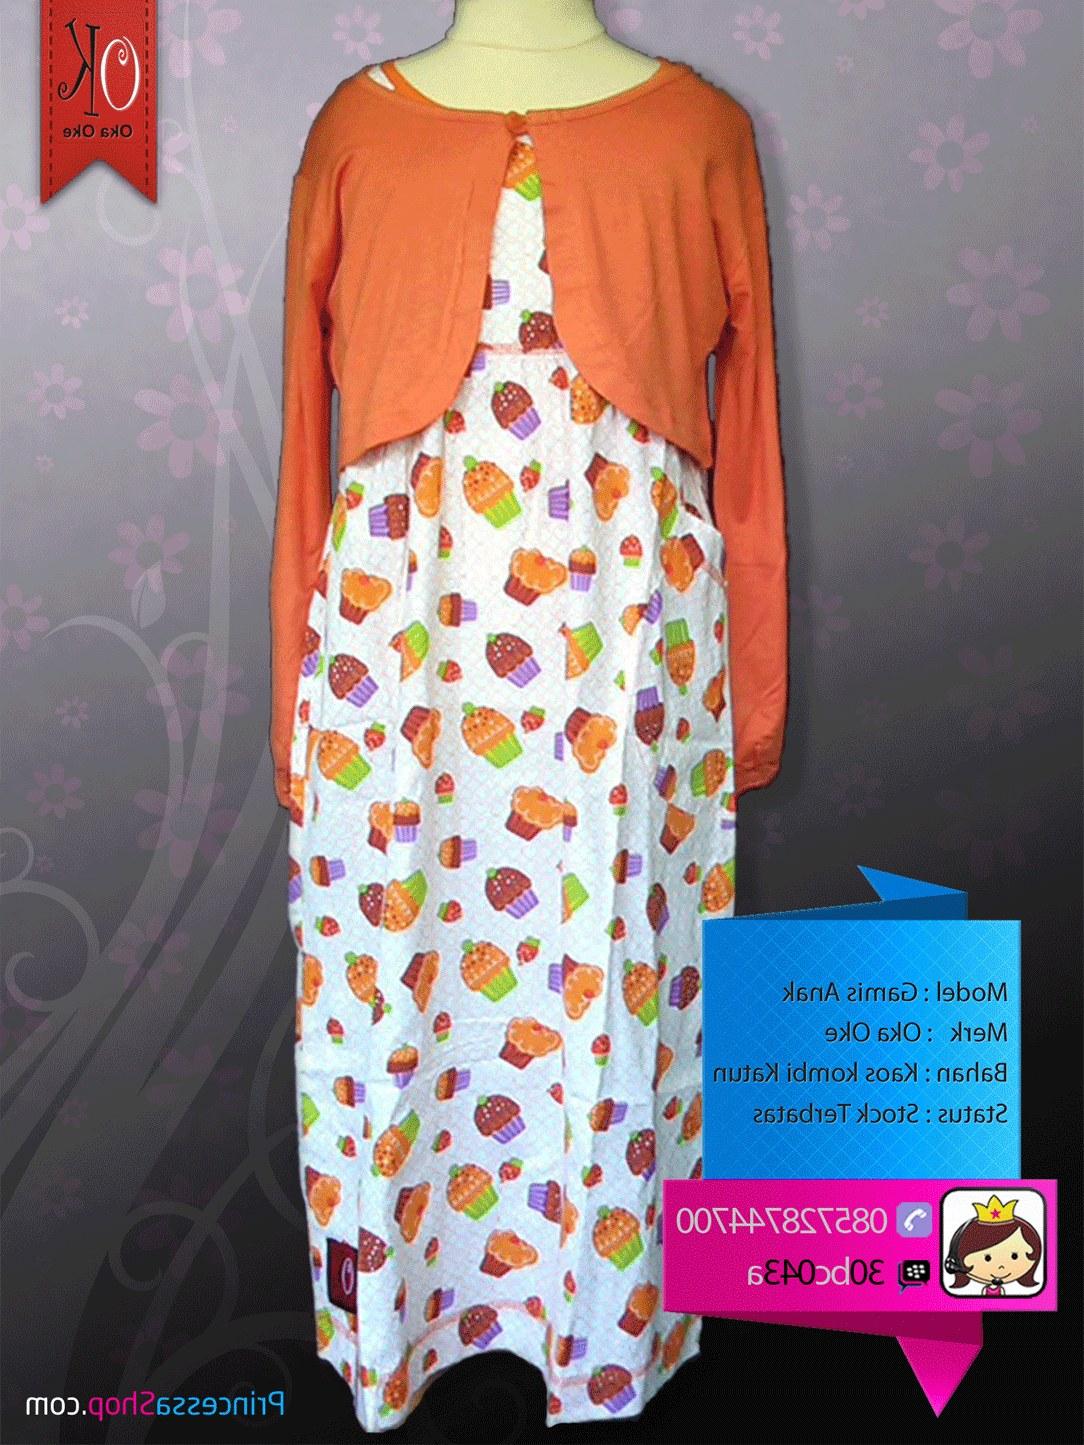 Ide Baju Lebaran Anak Perempuan Umur 10 Tahun 0gdr Baju Muslim Anak Perempuan Umur 2 Tahun Oka Oke